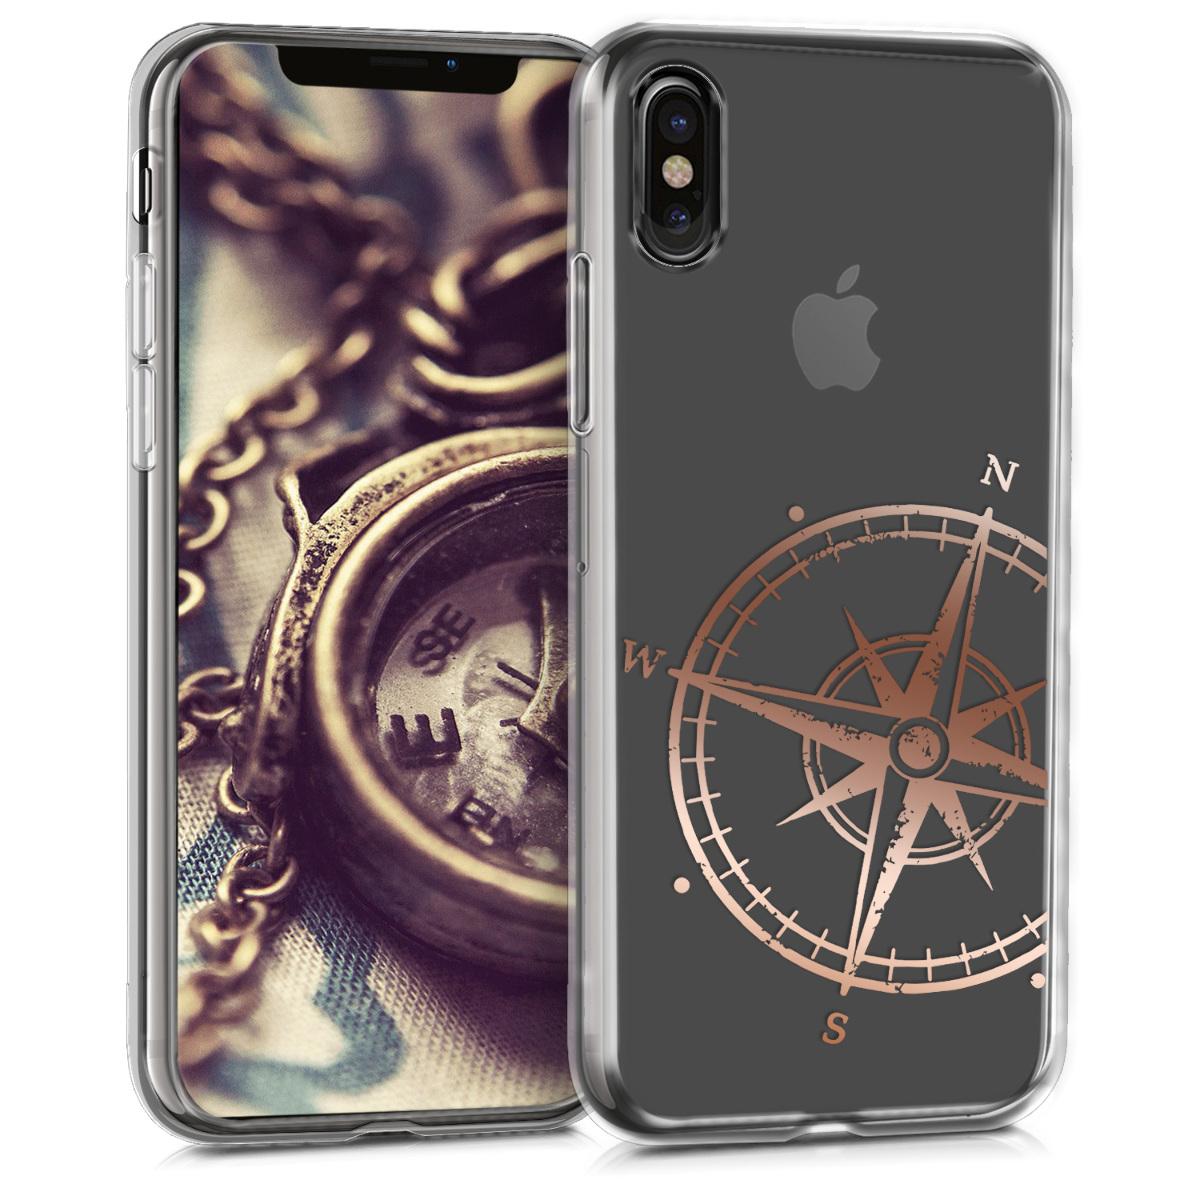 Kvalitní silikonové TPU pouzdro pro Apple iPhone X - Navigační Compass Rose Gold | Transparent